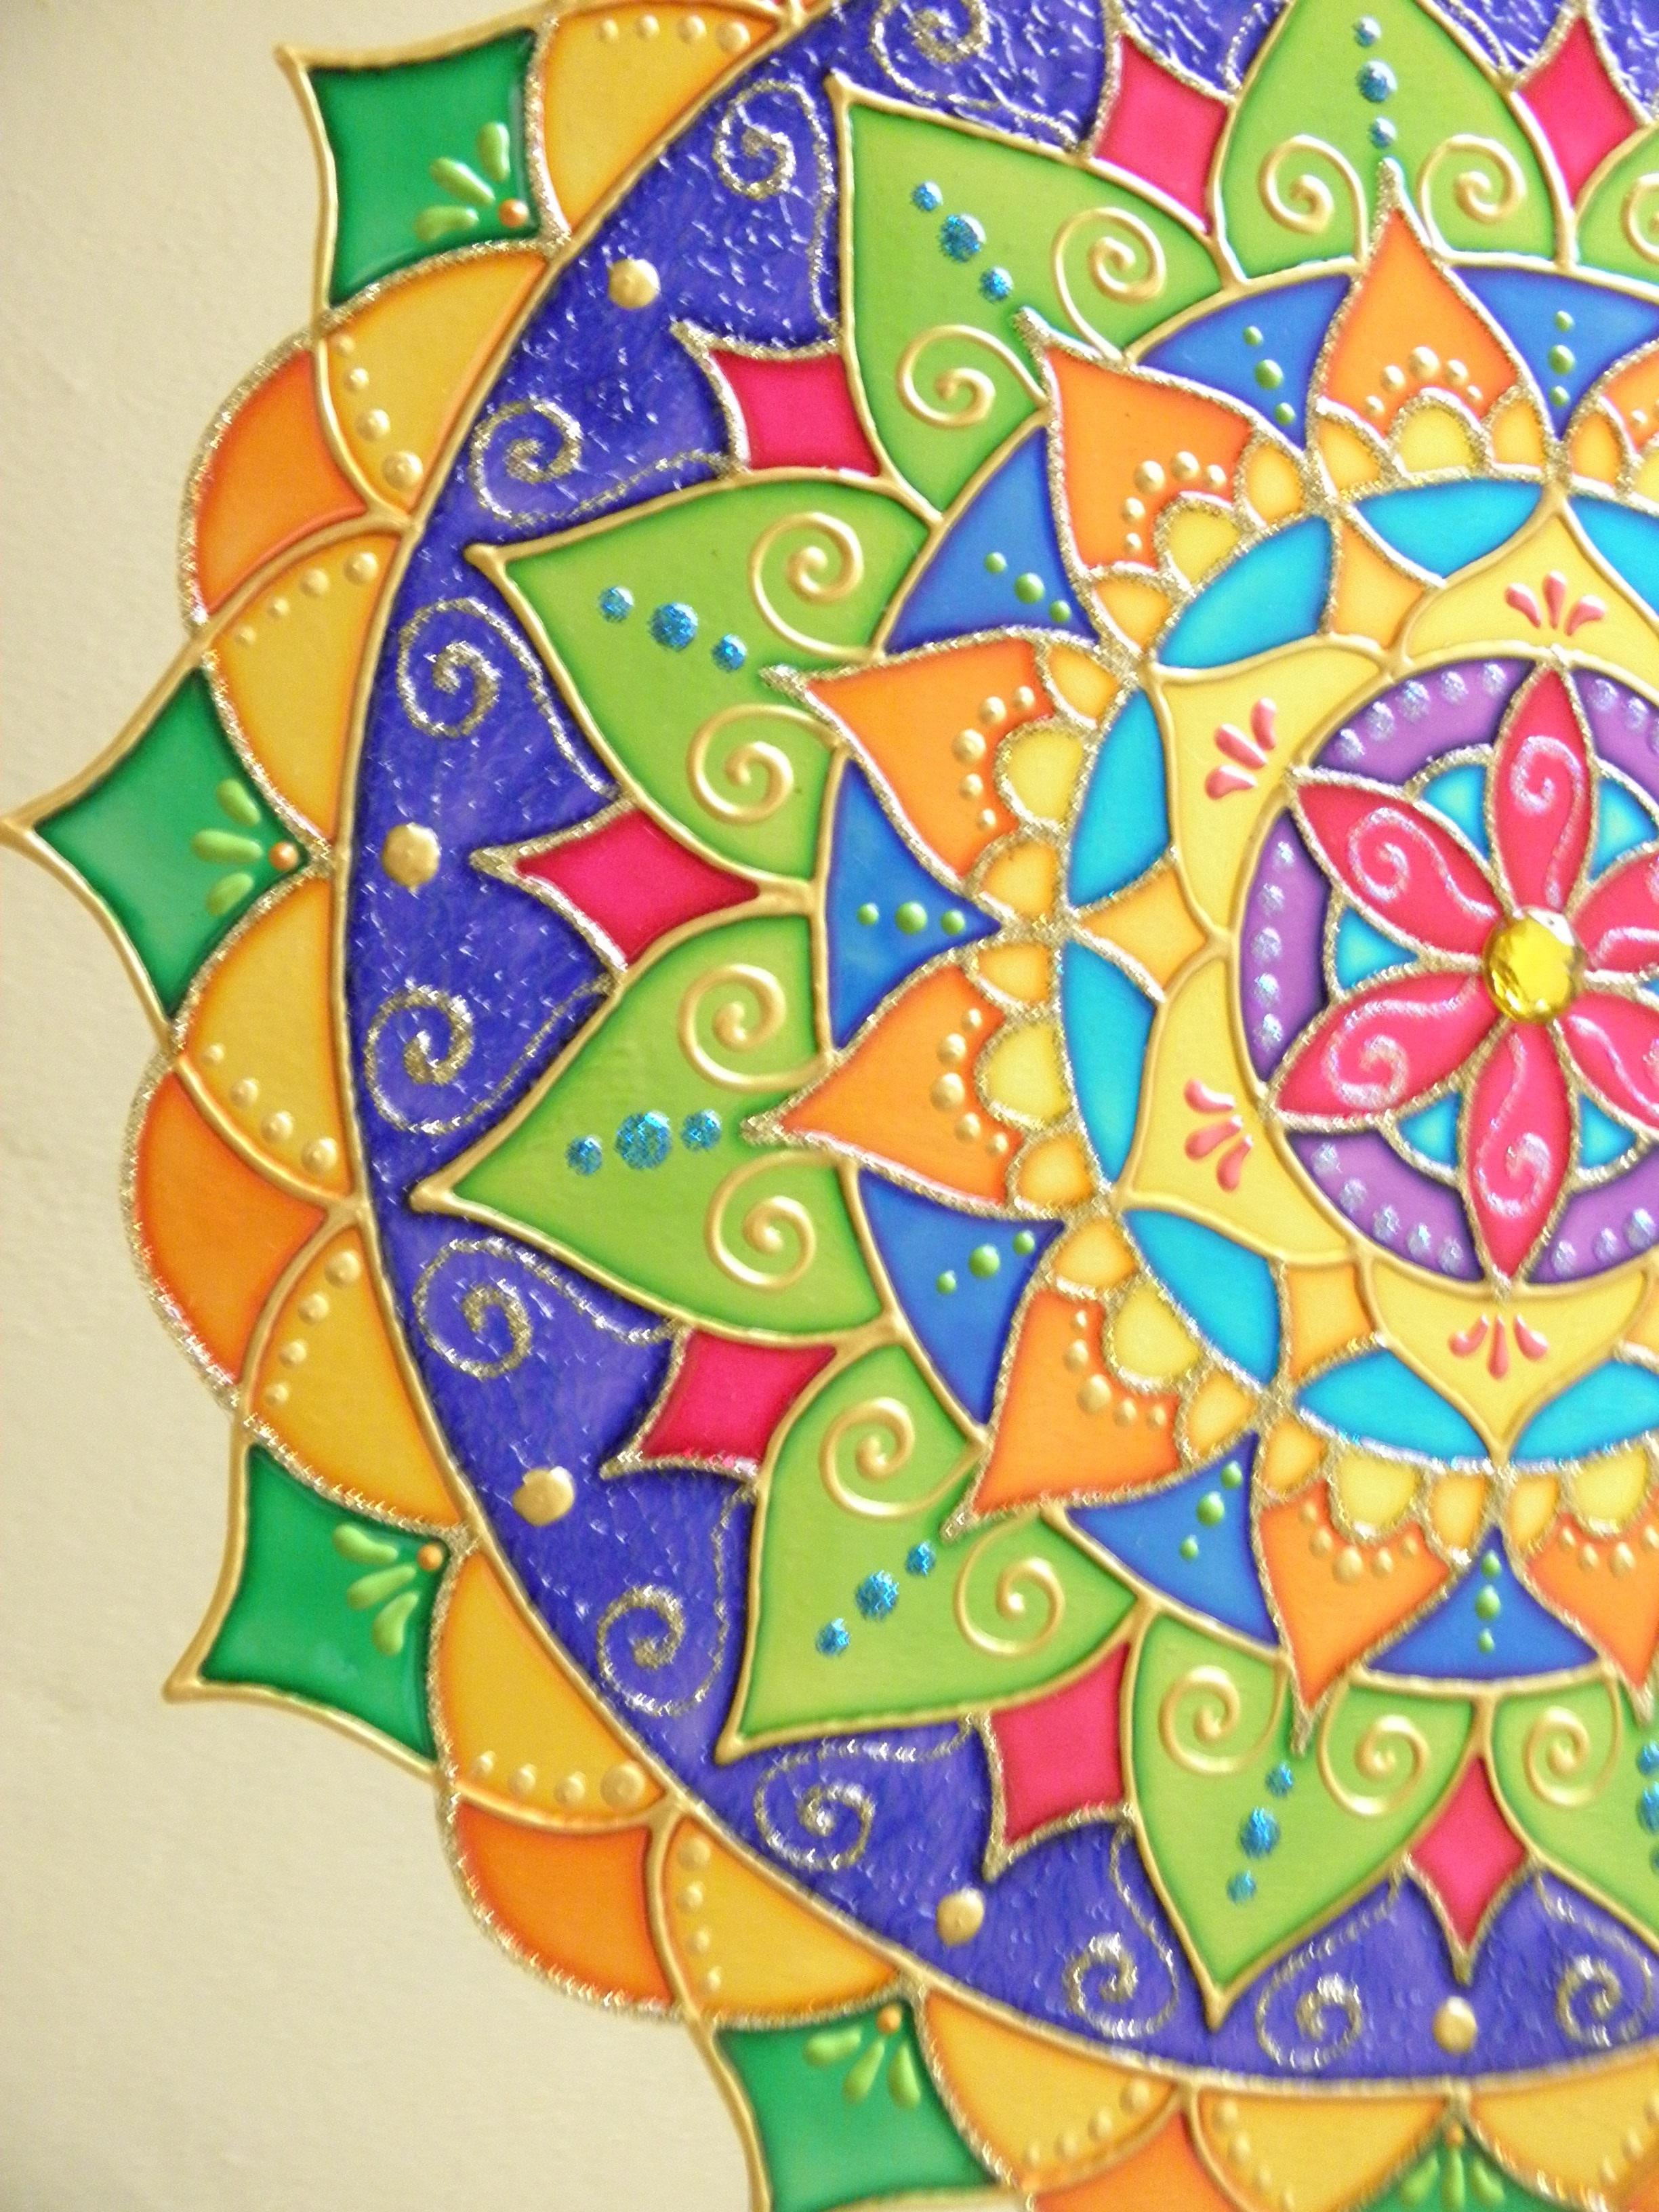 Pinturas De Mandalas Imagenes De Pinturas De Mandalas Buscar Con - Pinturas-de-mandalas